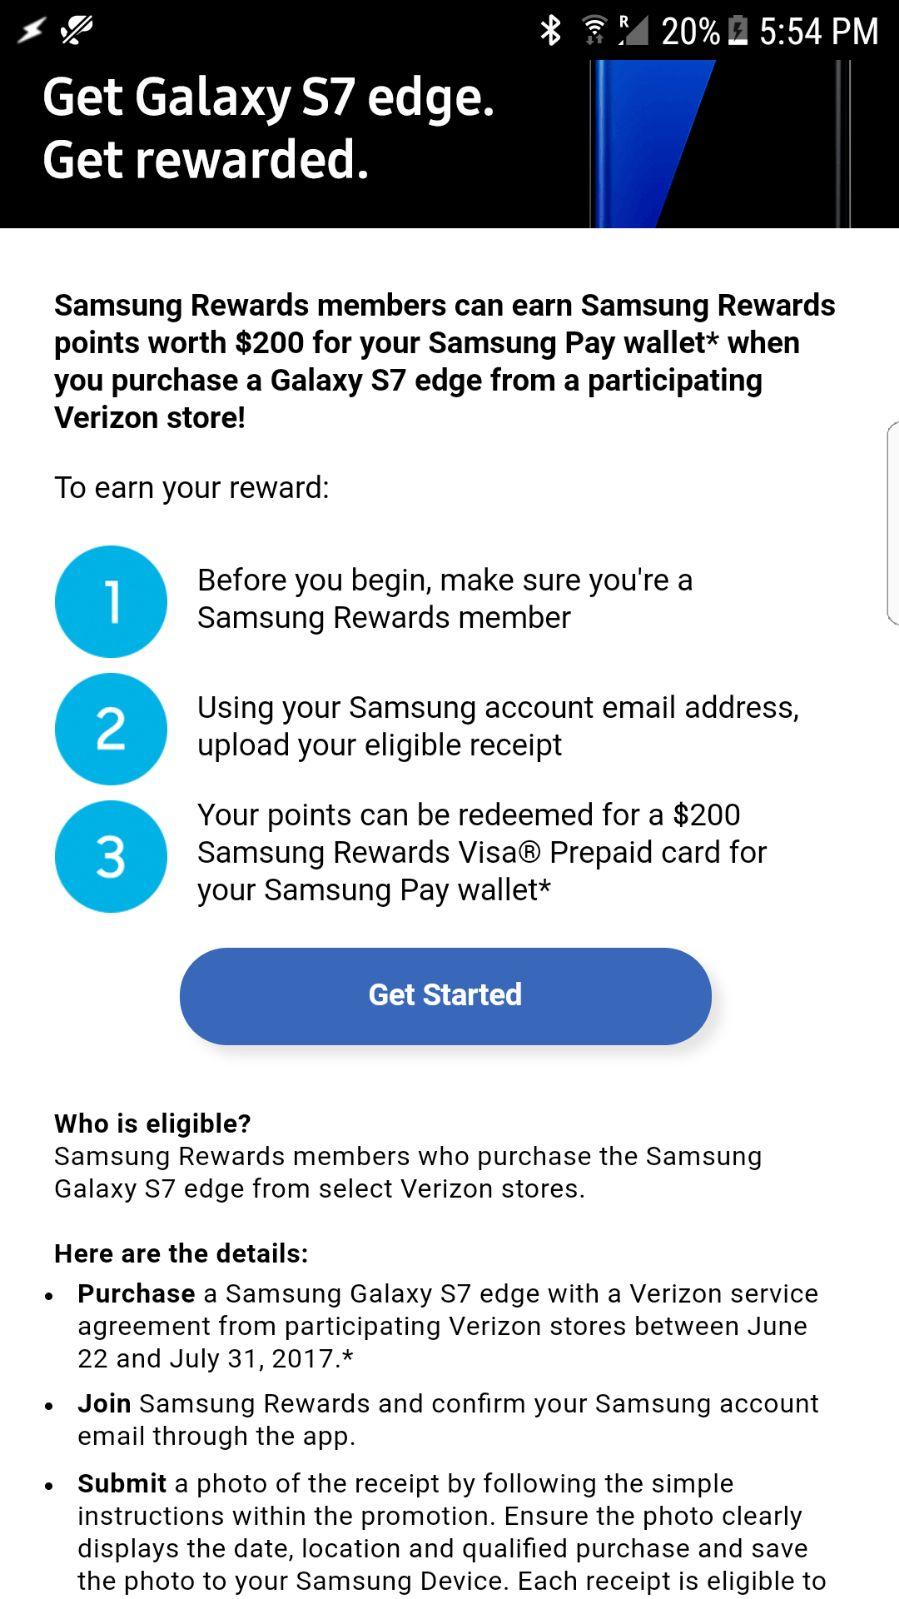 S7 Edge Verizon Store - Get $200 in Samsung Rewards card - YMMV